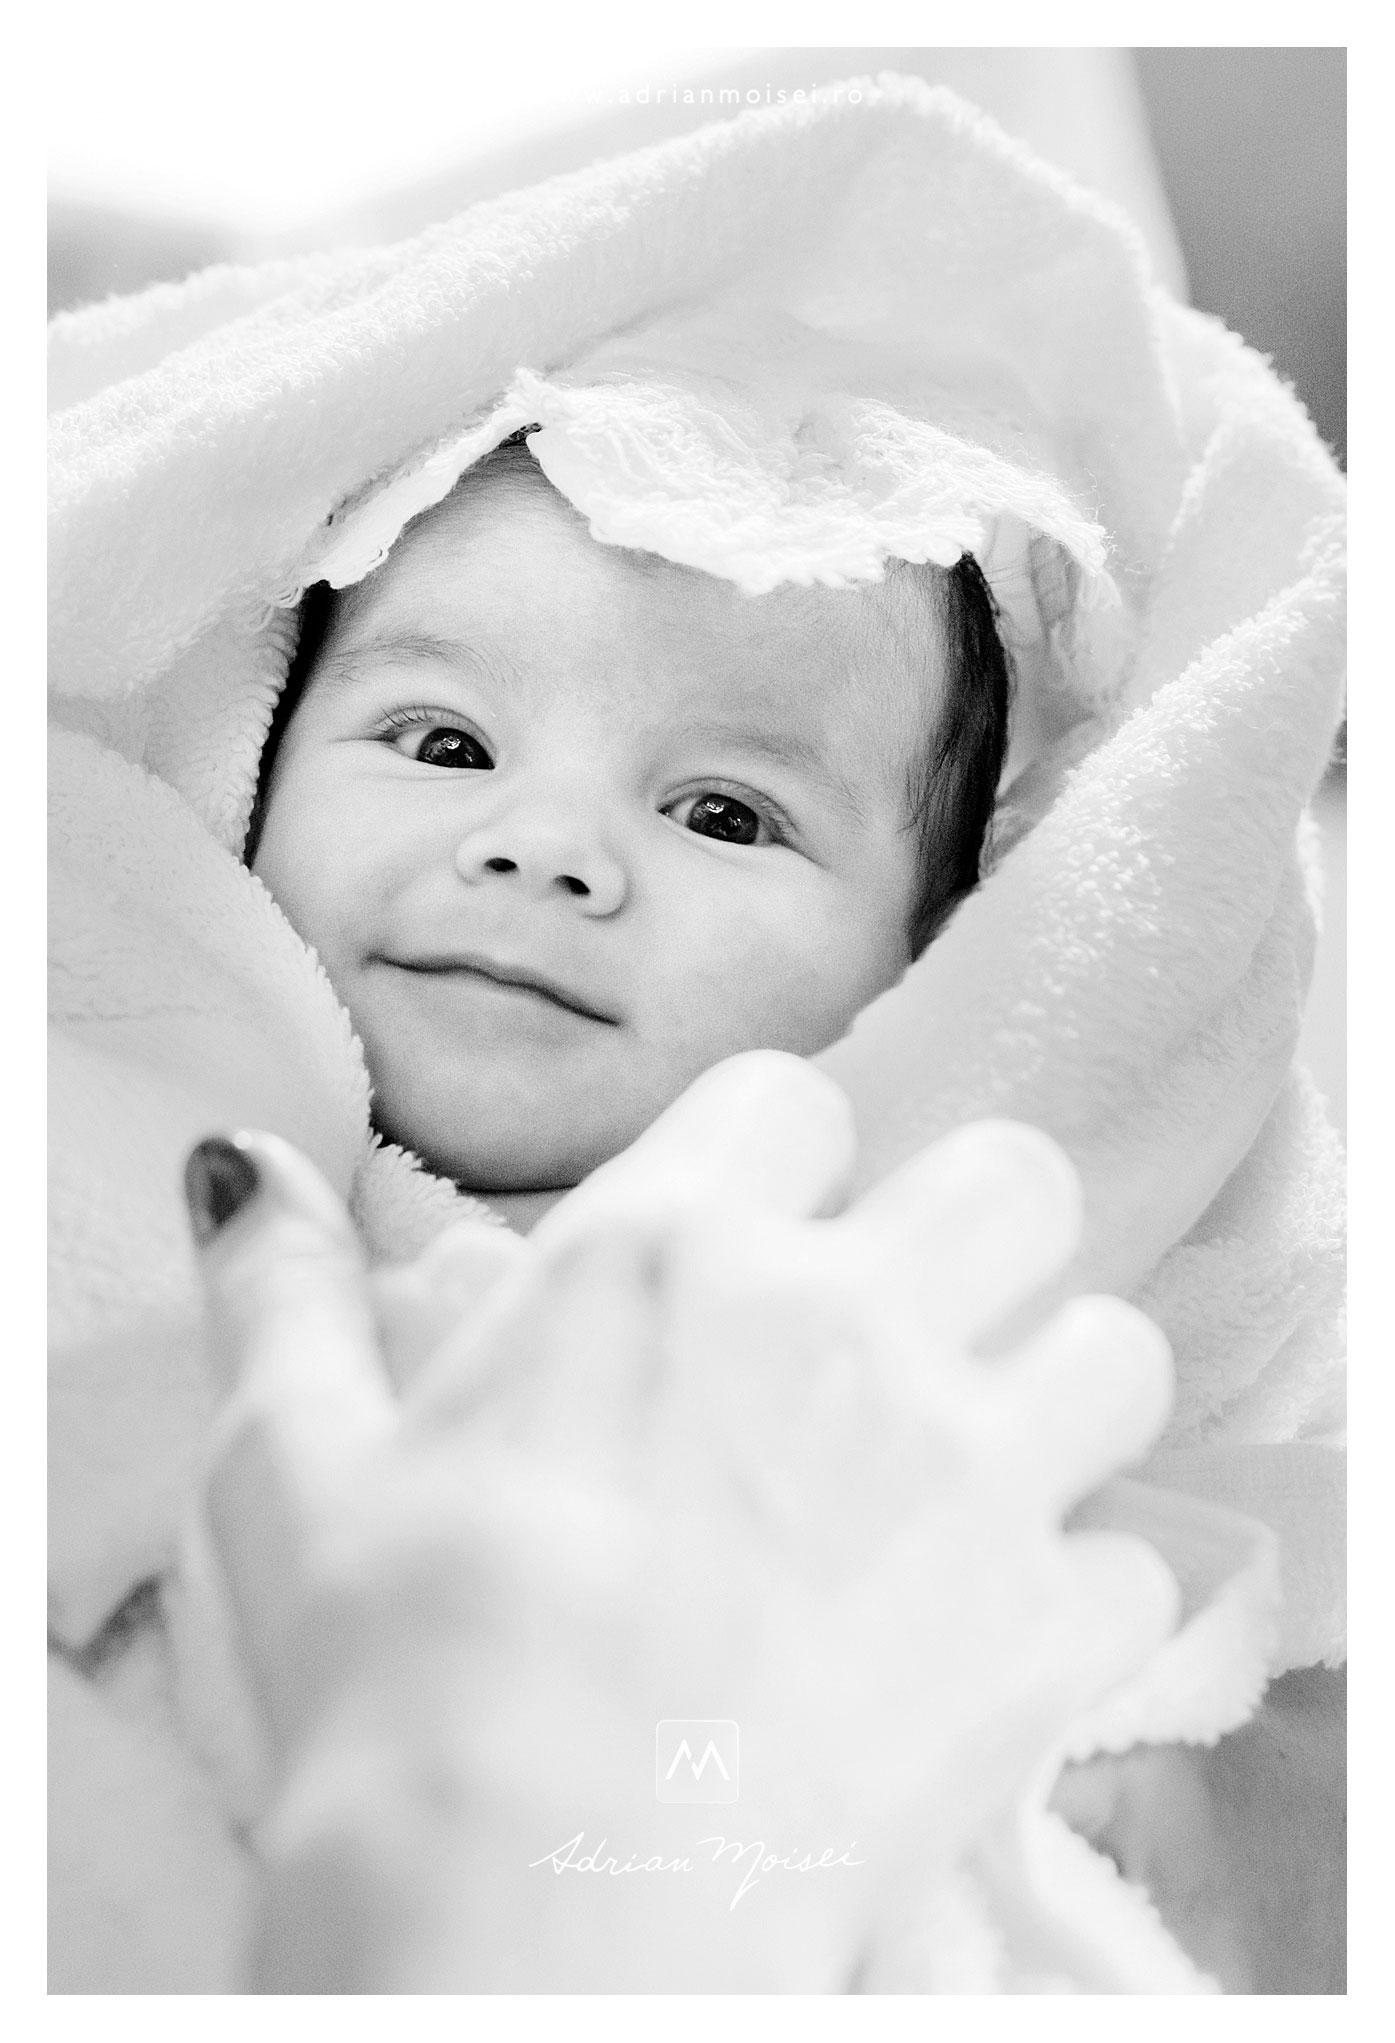 Portret de nou-născut, privind spre camera relaxat și zâmbitor, după slujba de botez, la Iași. Fotografie alb negru realizată de Adrian Moisei - fotograf Iași